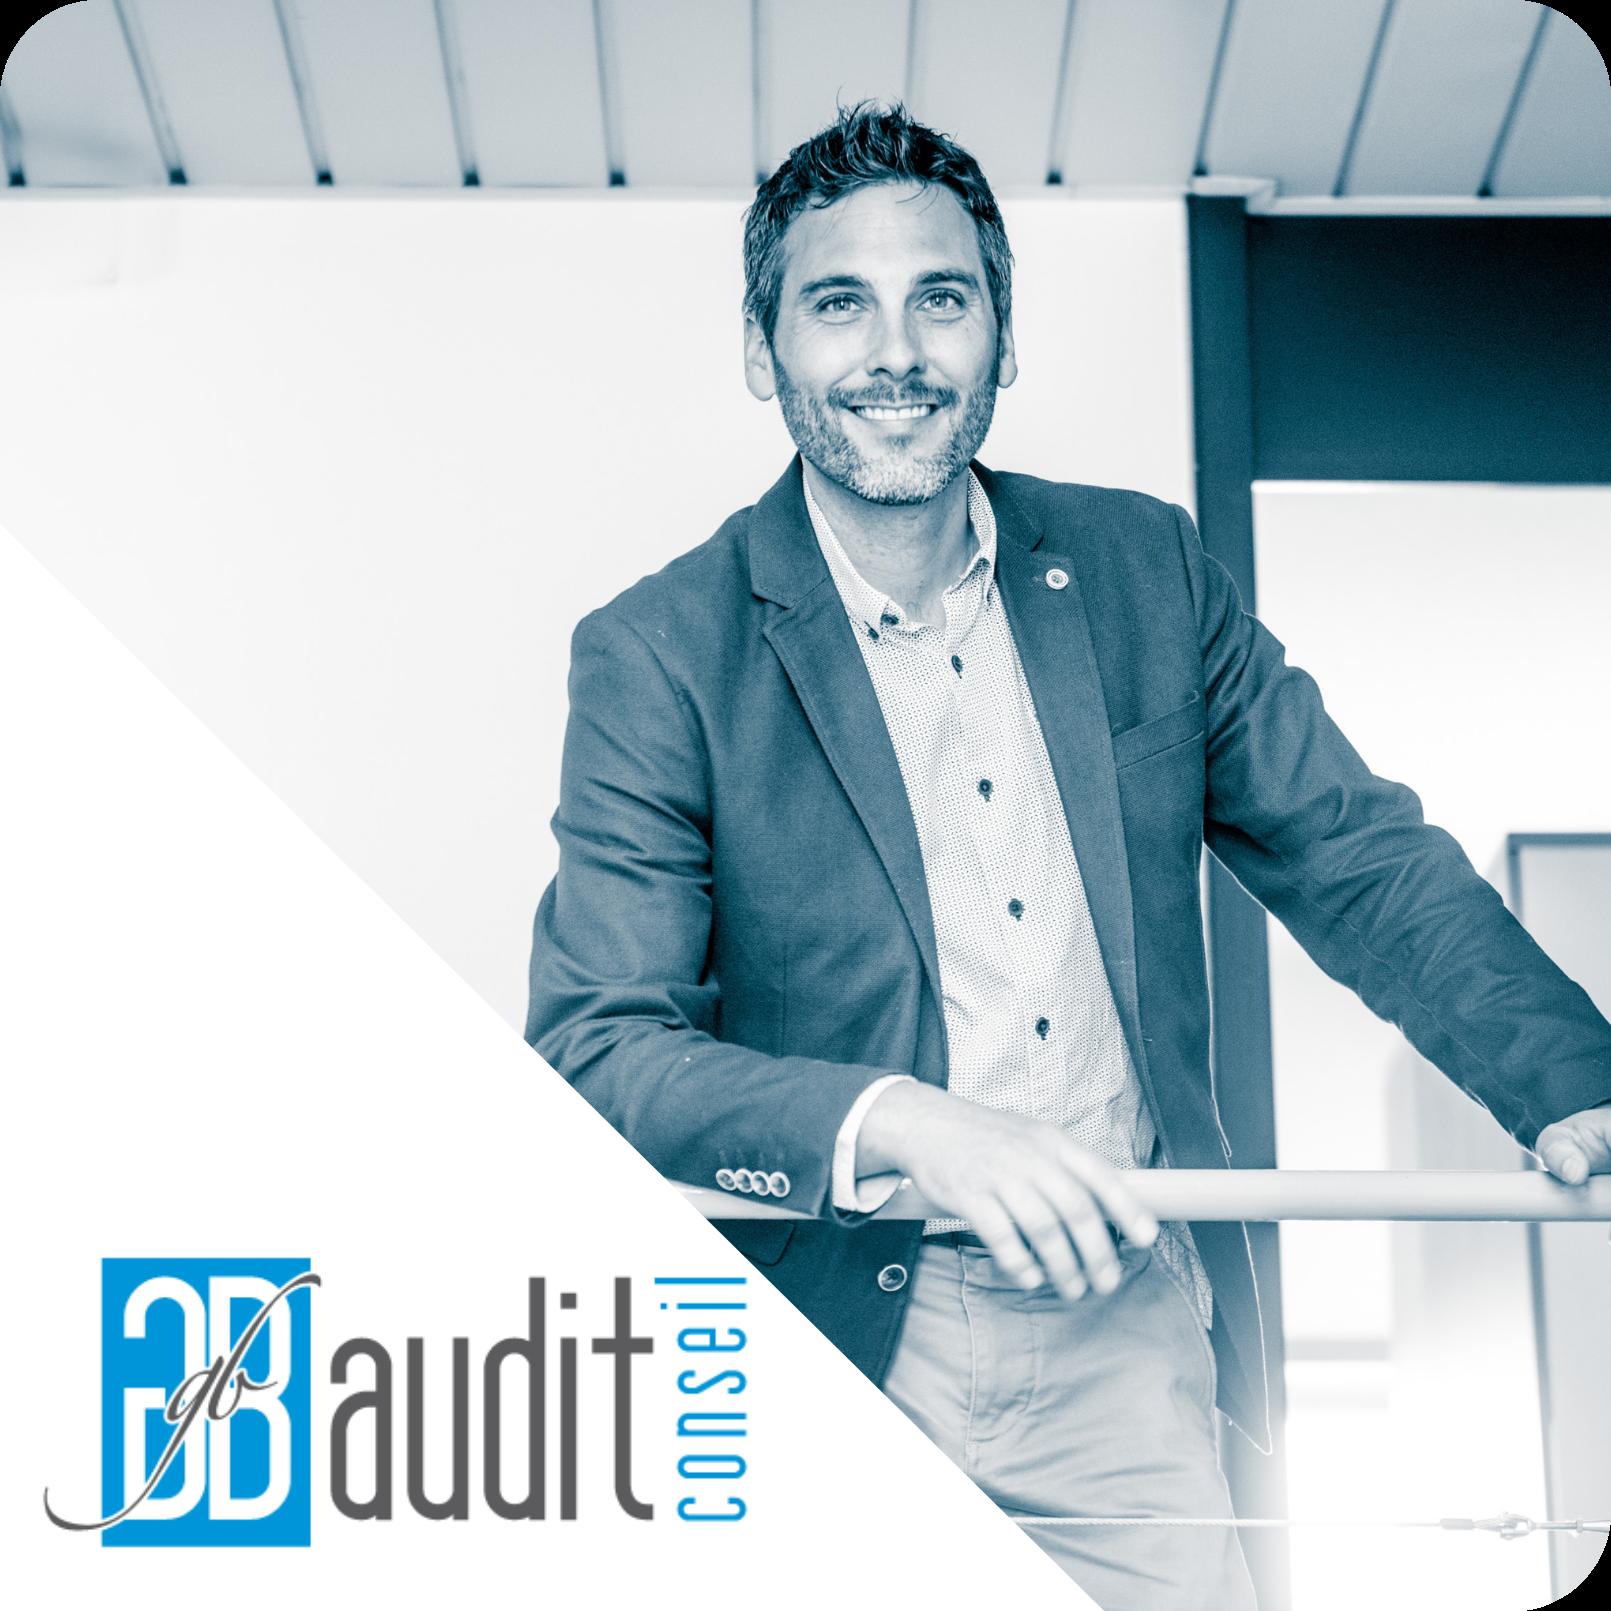 GB Audit Conseil temoignage